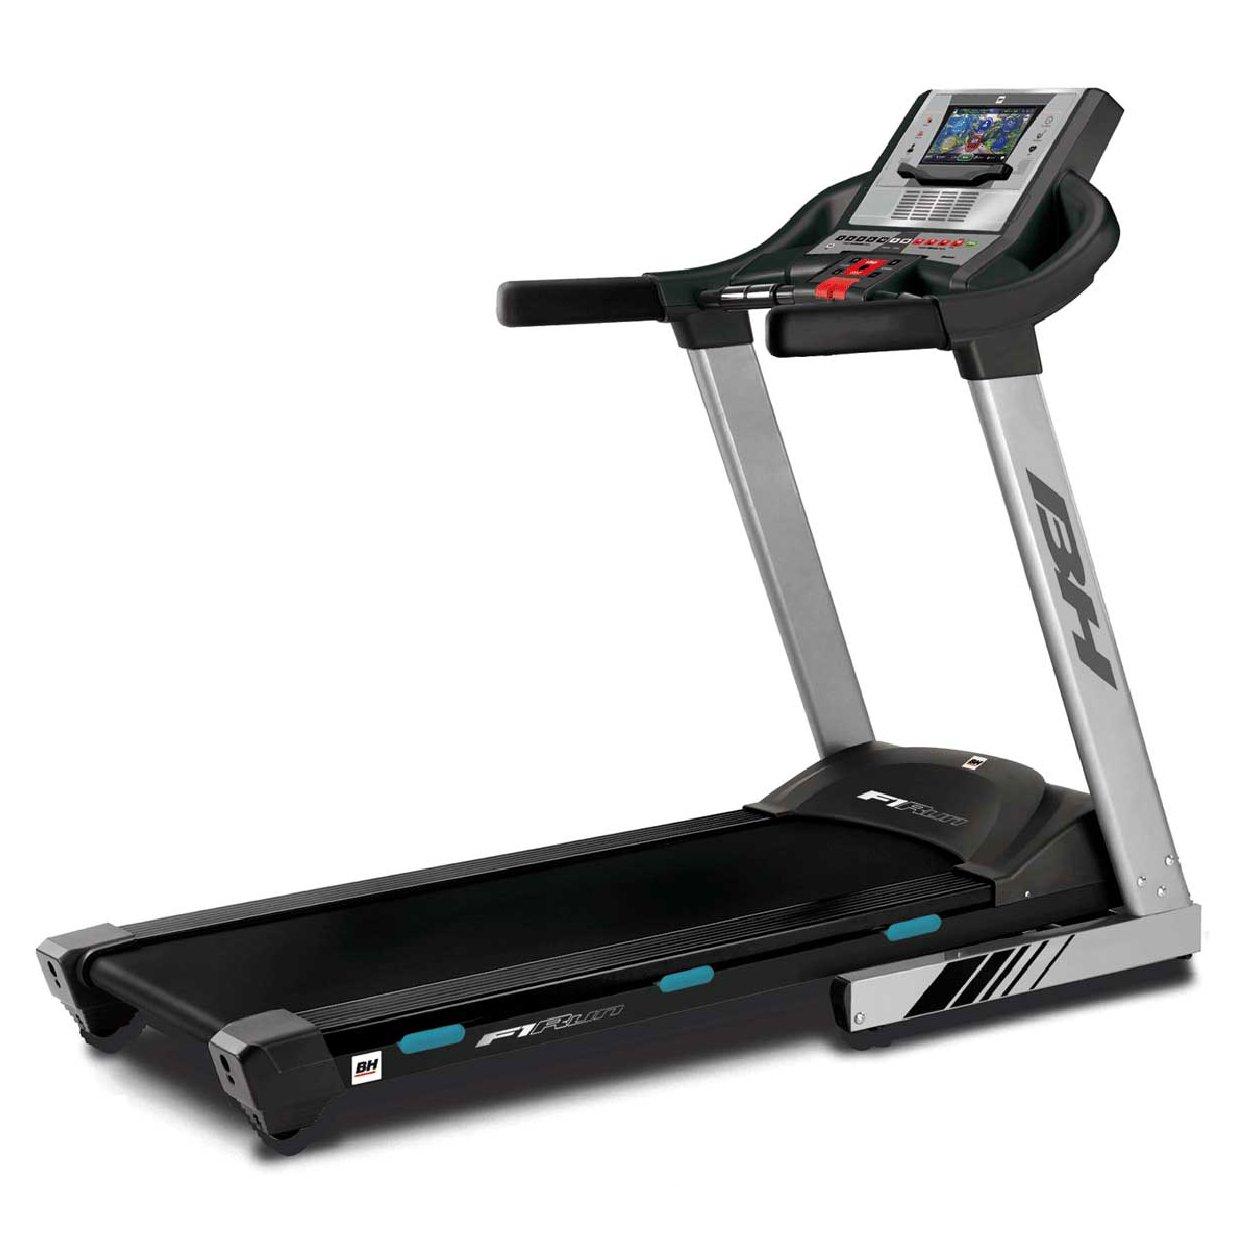 BH Fitness - Cinta de Correr f1 Run tft: Amazon.es: Deportes y ...